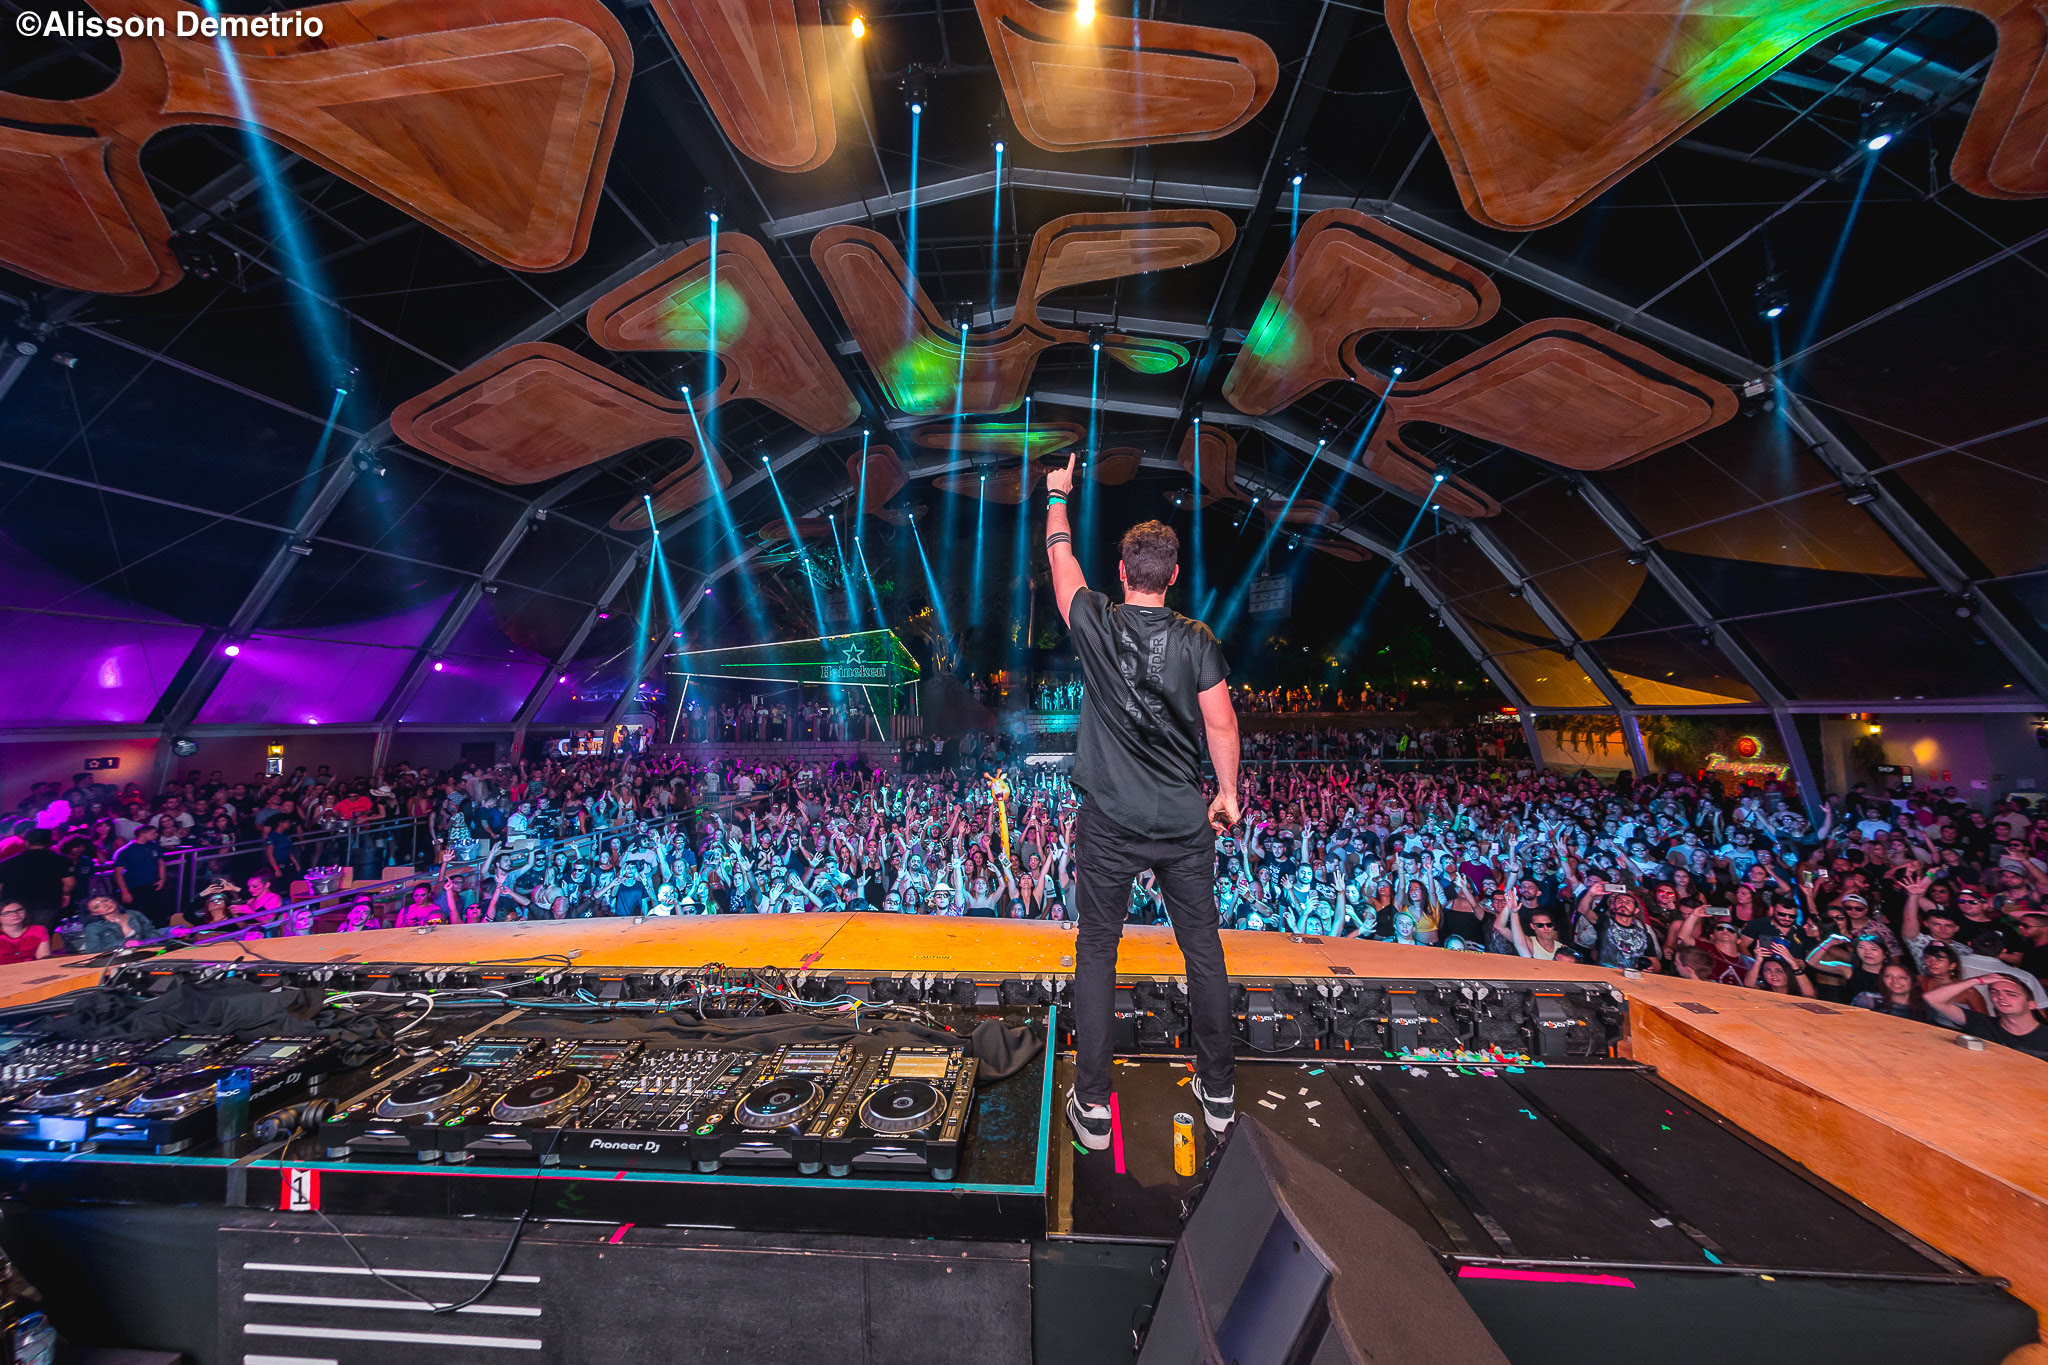 Carnaval 2020: Música eletrônica cresce e ganha um festival só seu